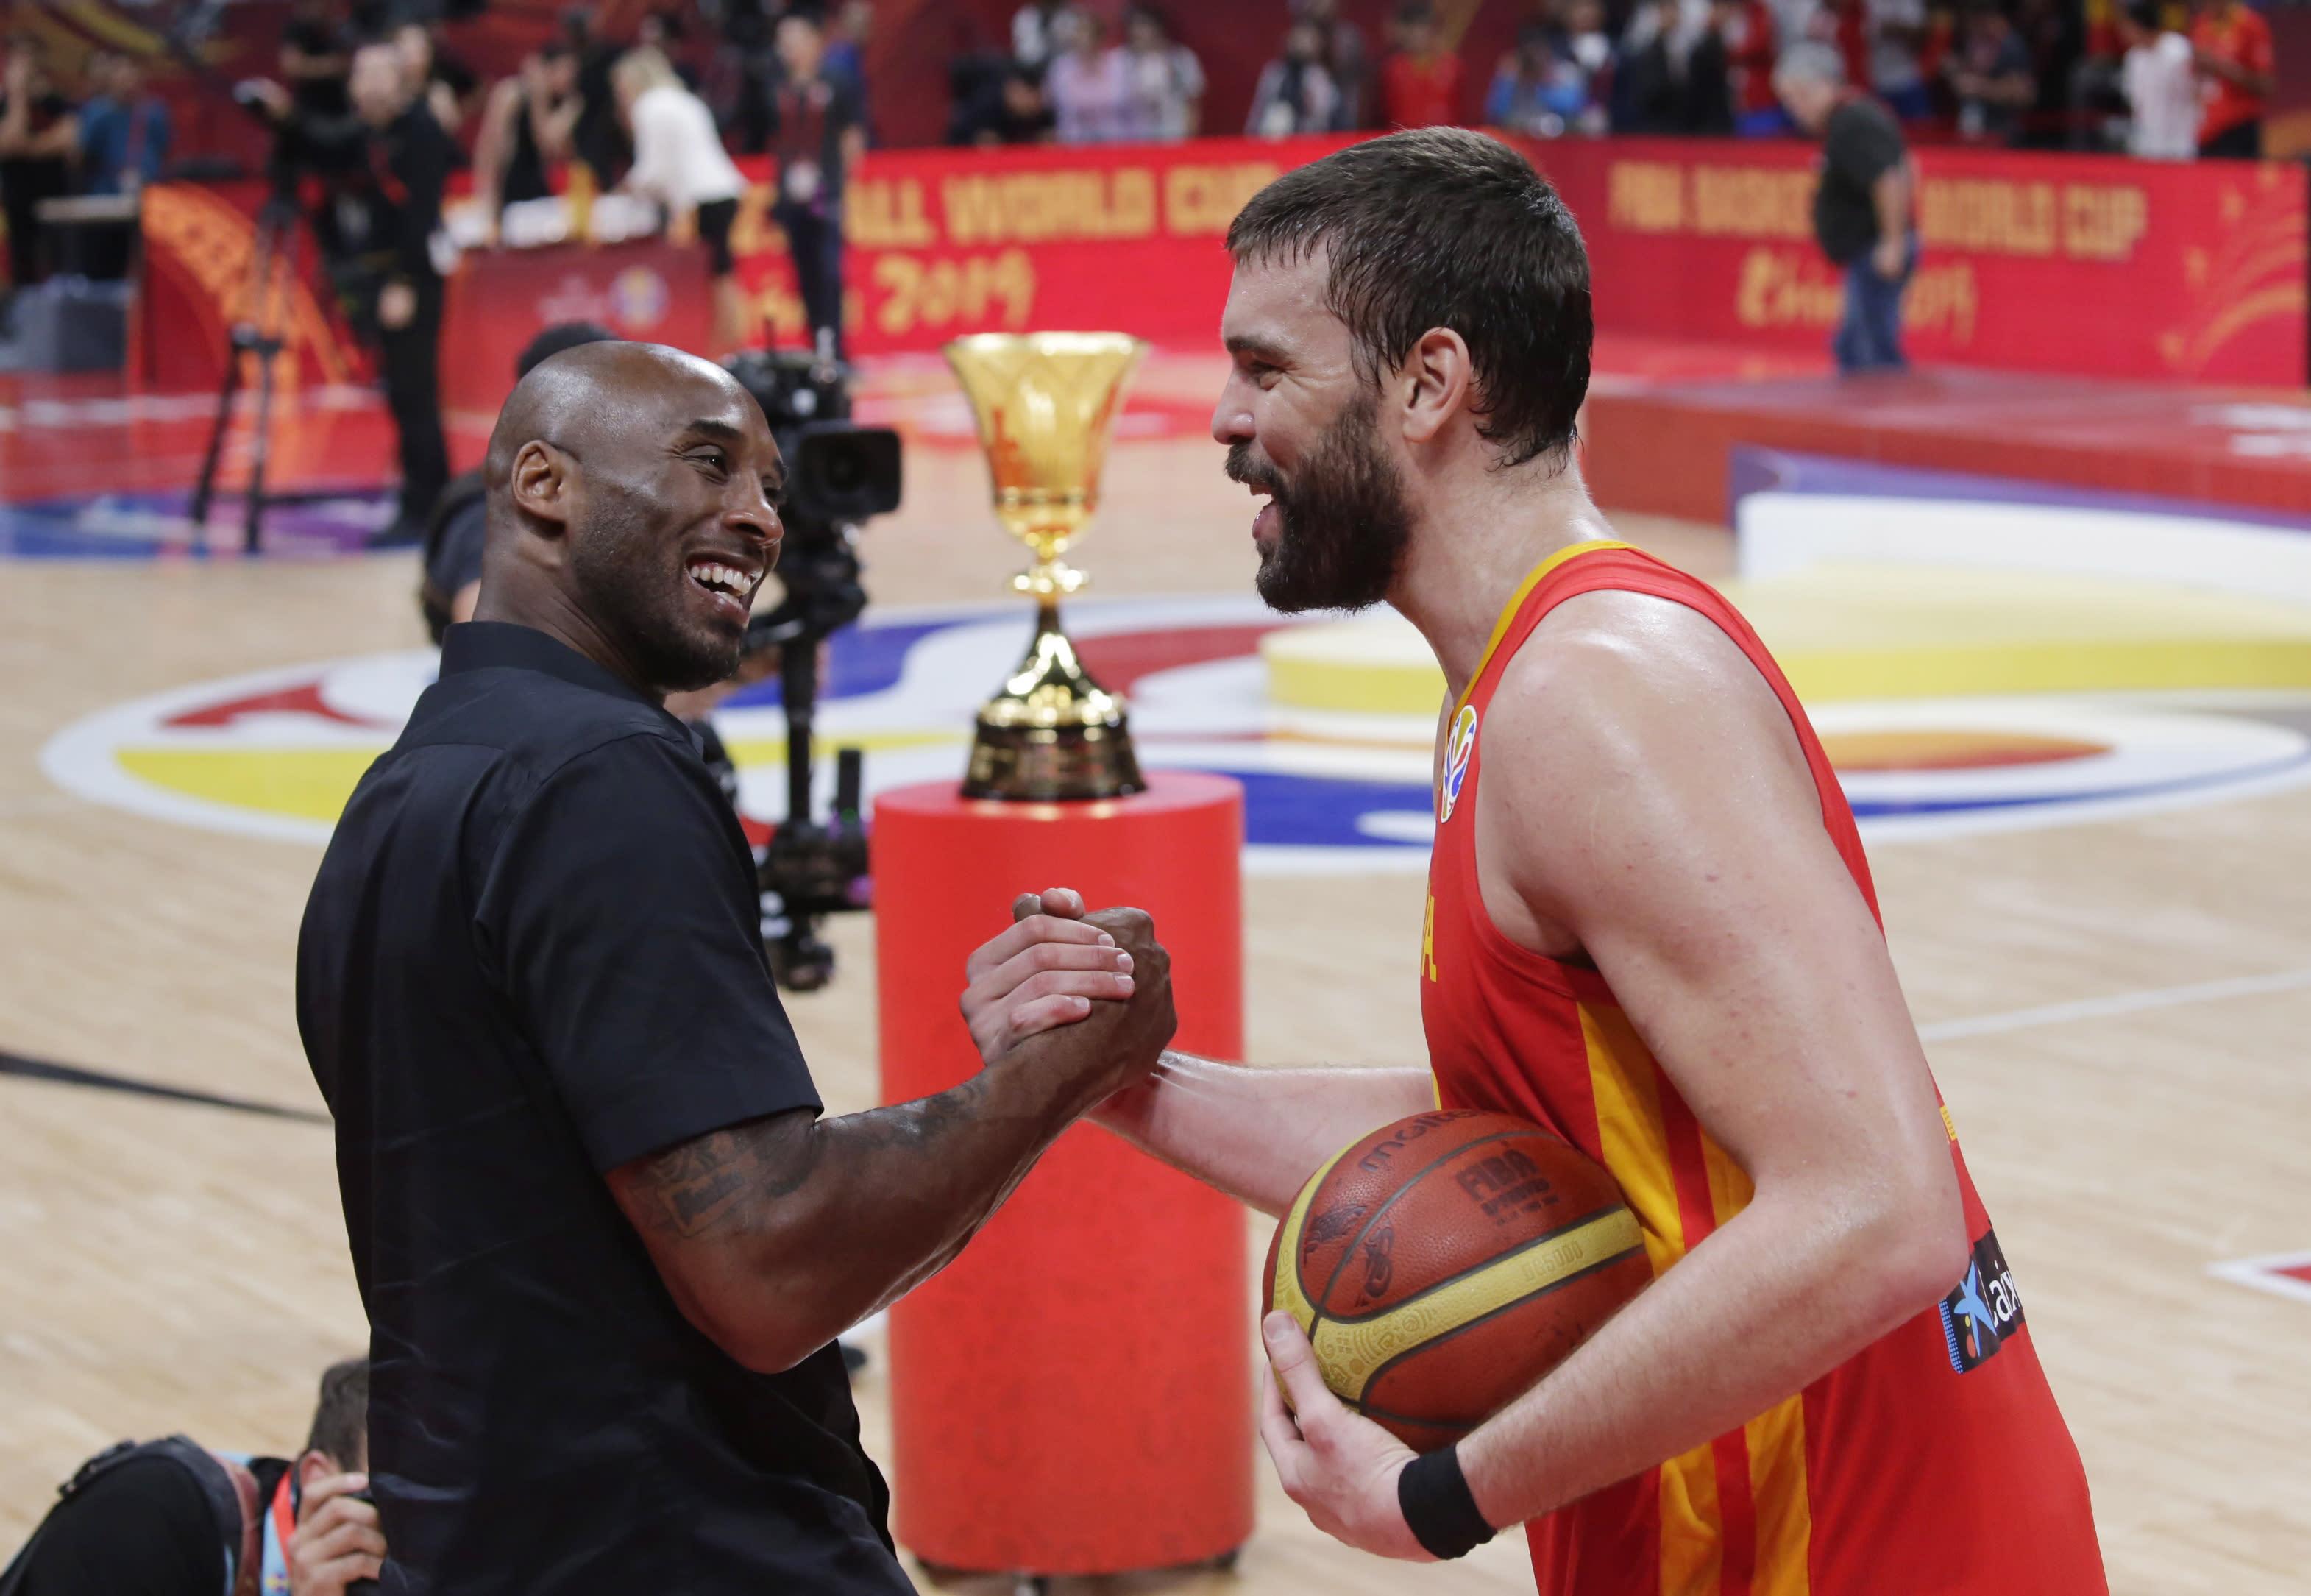 Kobe曾在酒吧遊說小Gasol加盟湖人,後者答應了,如今兌現承諾!-籃球圈